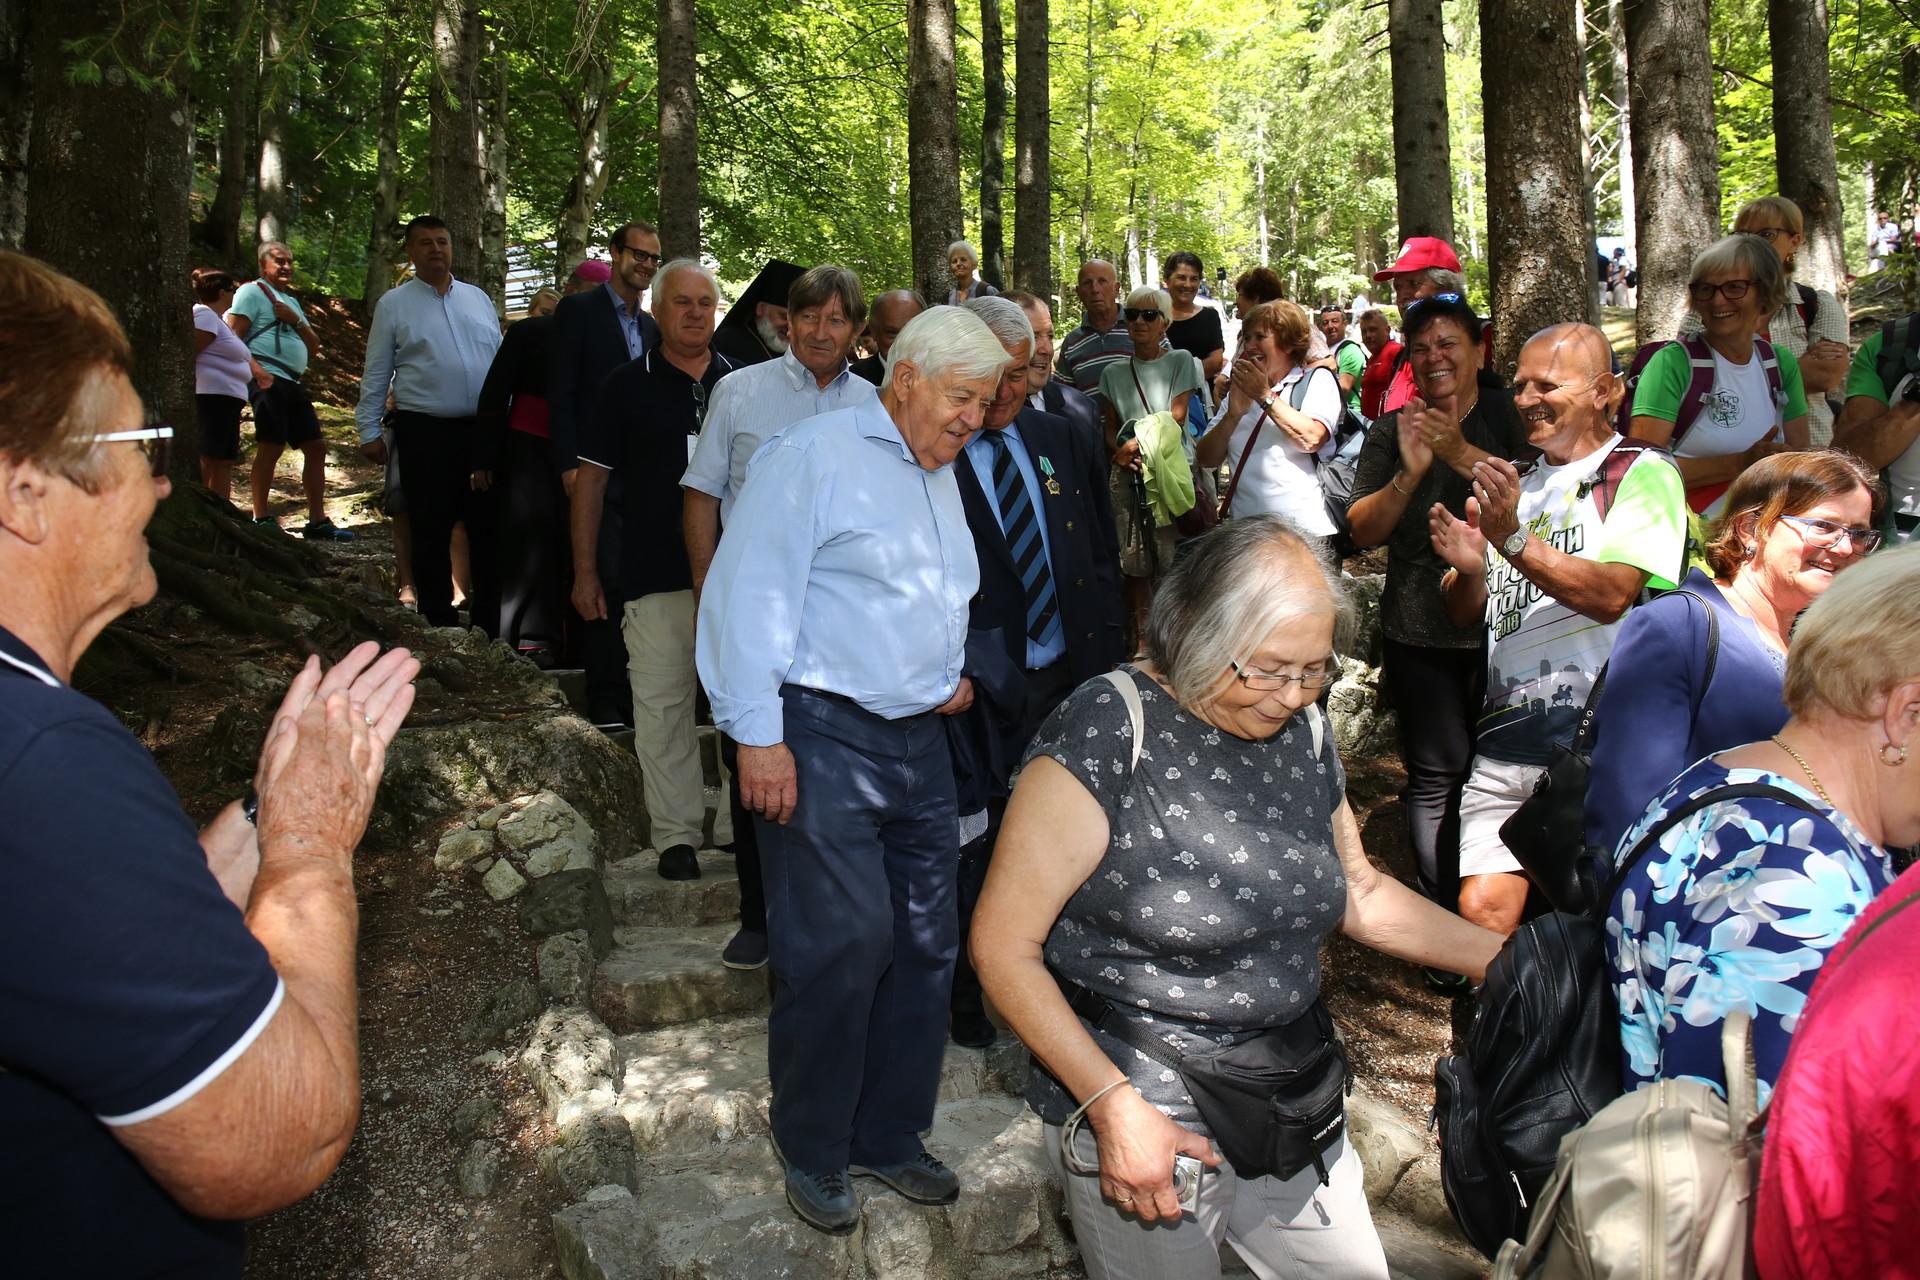 S prireditvenega prizorišča se je spustil tudi nasmejani nekdanji predsednik Milan Kučan.